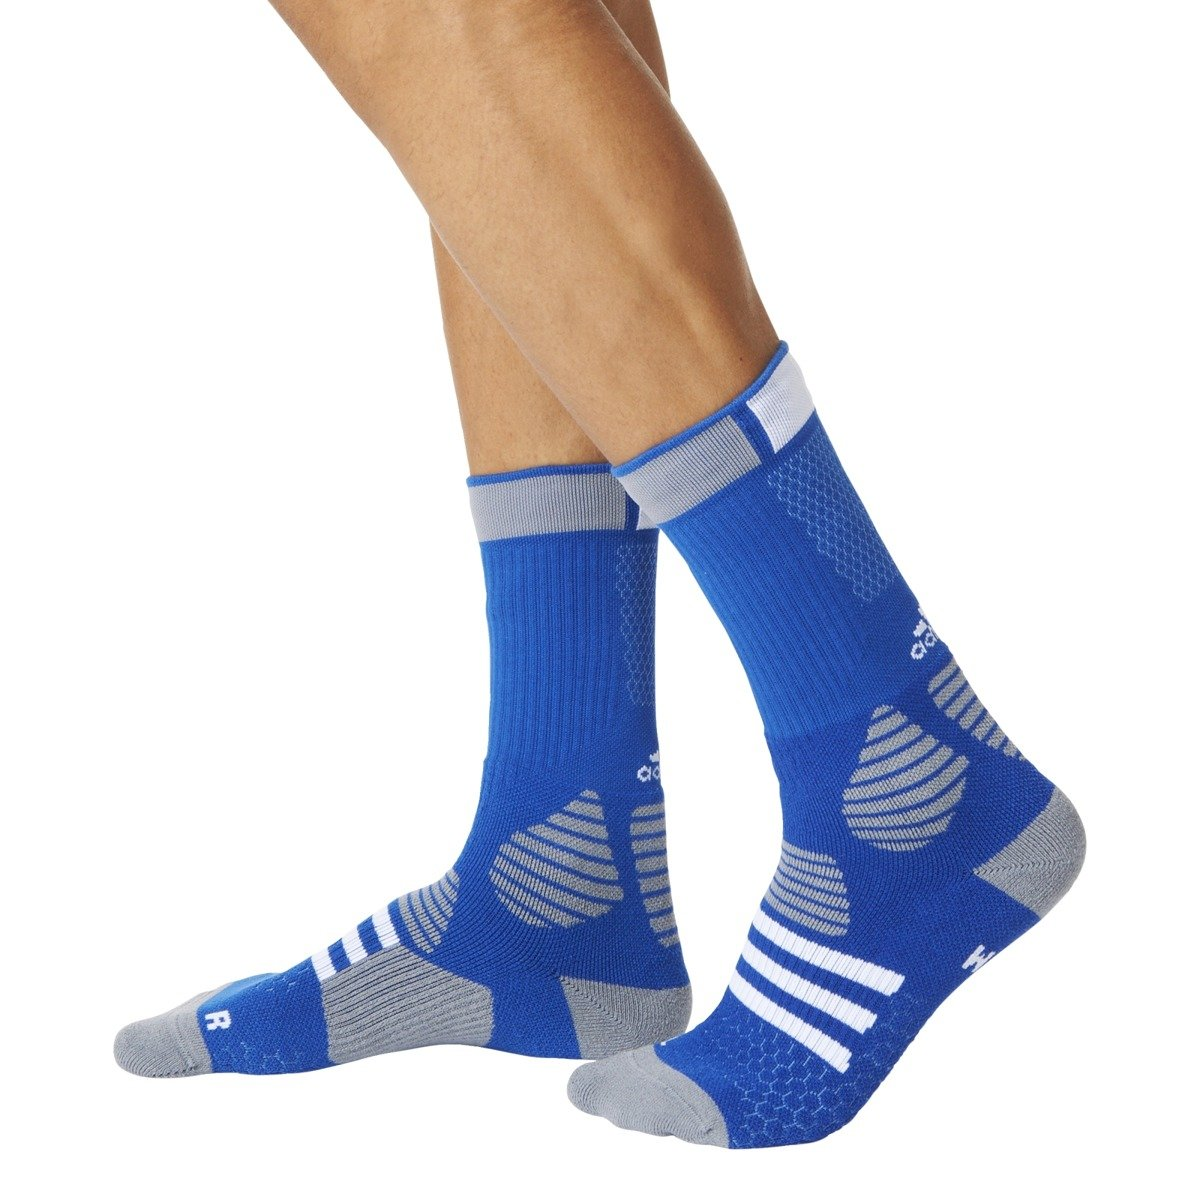 adidas basketball socks